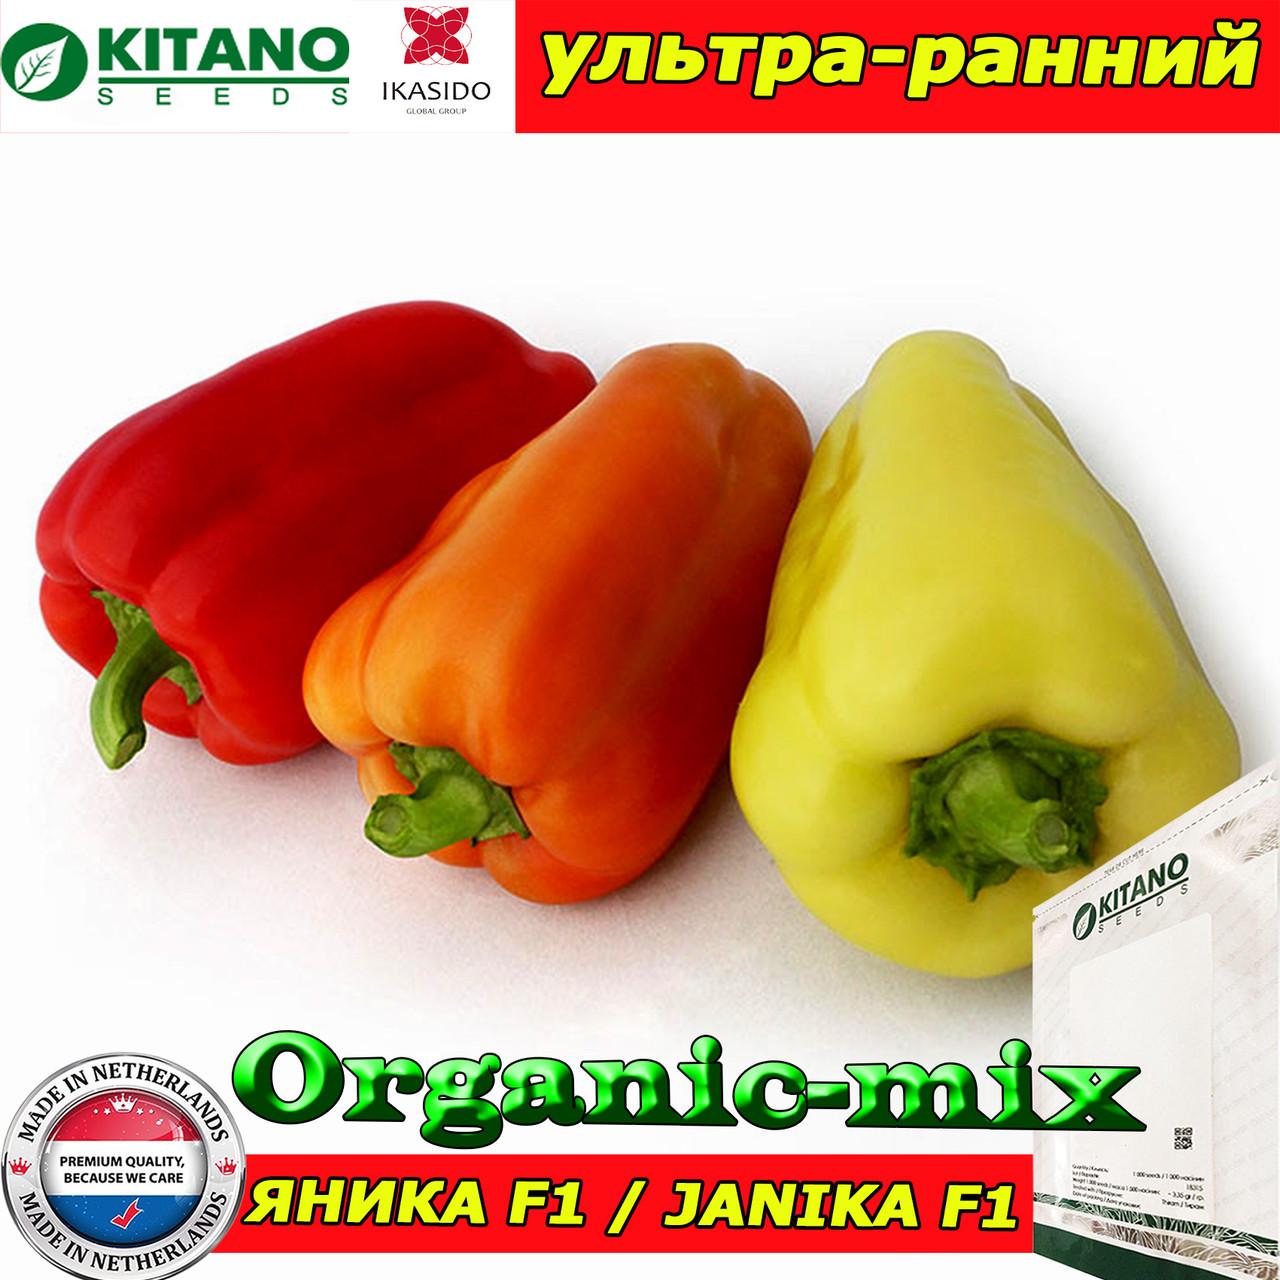 Семена перца ЯНИКА F1, пакет 1000 семян, ТМ Kitano Seeds (Нидерланды)